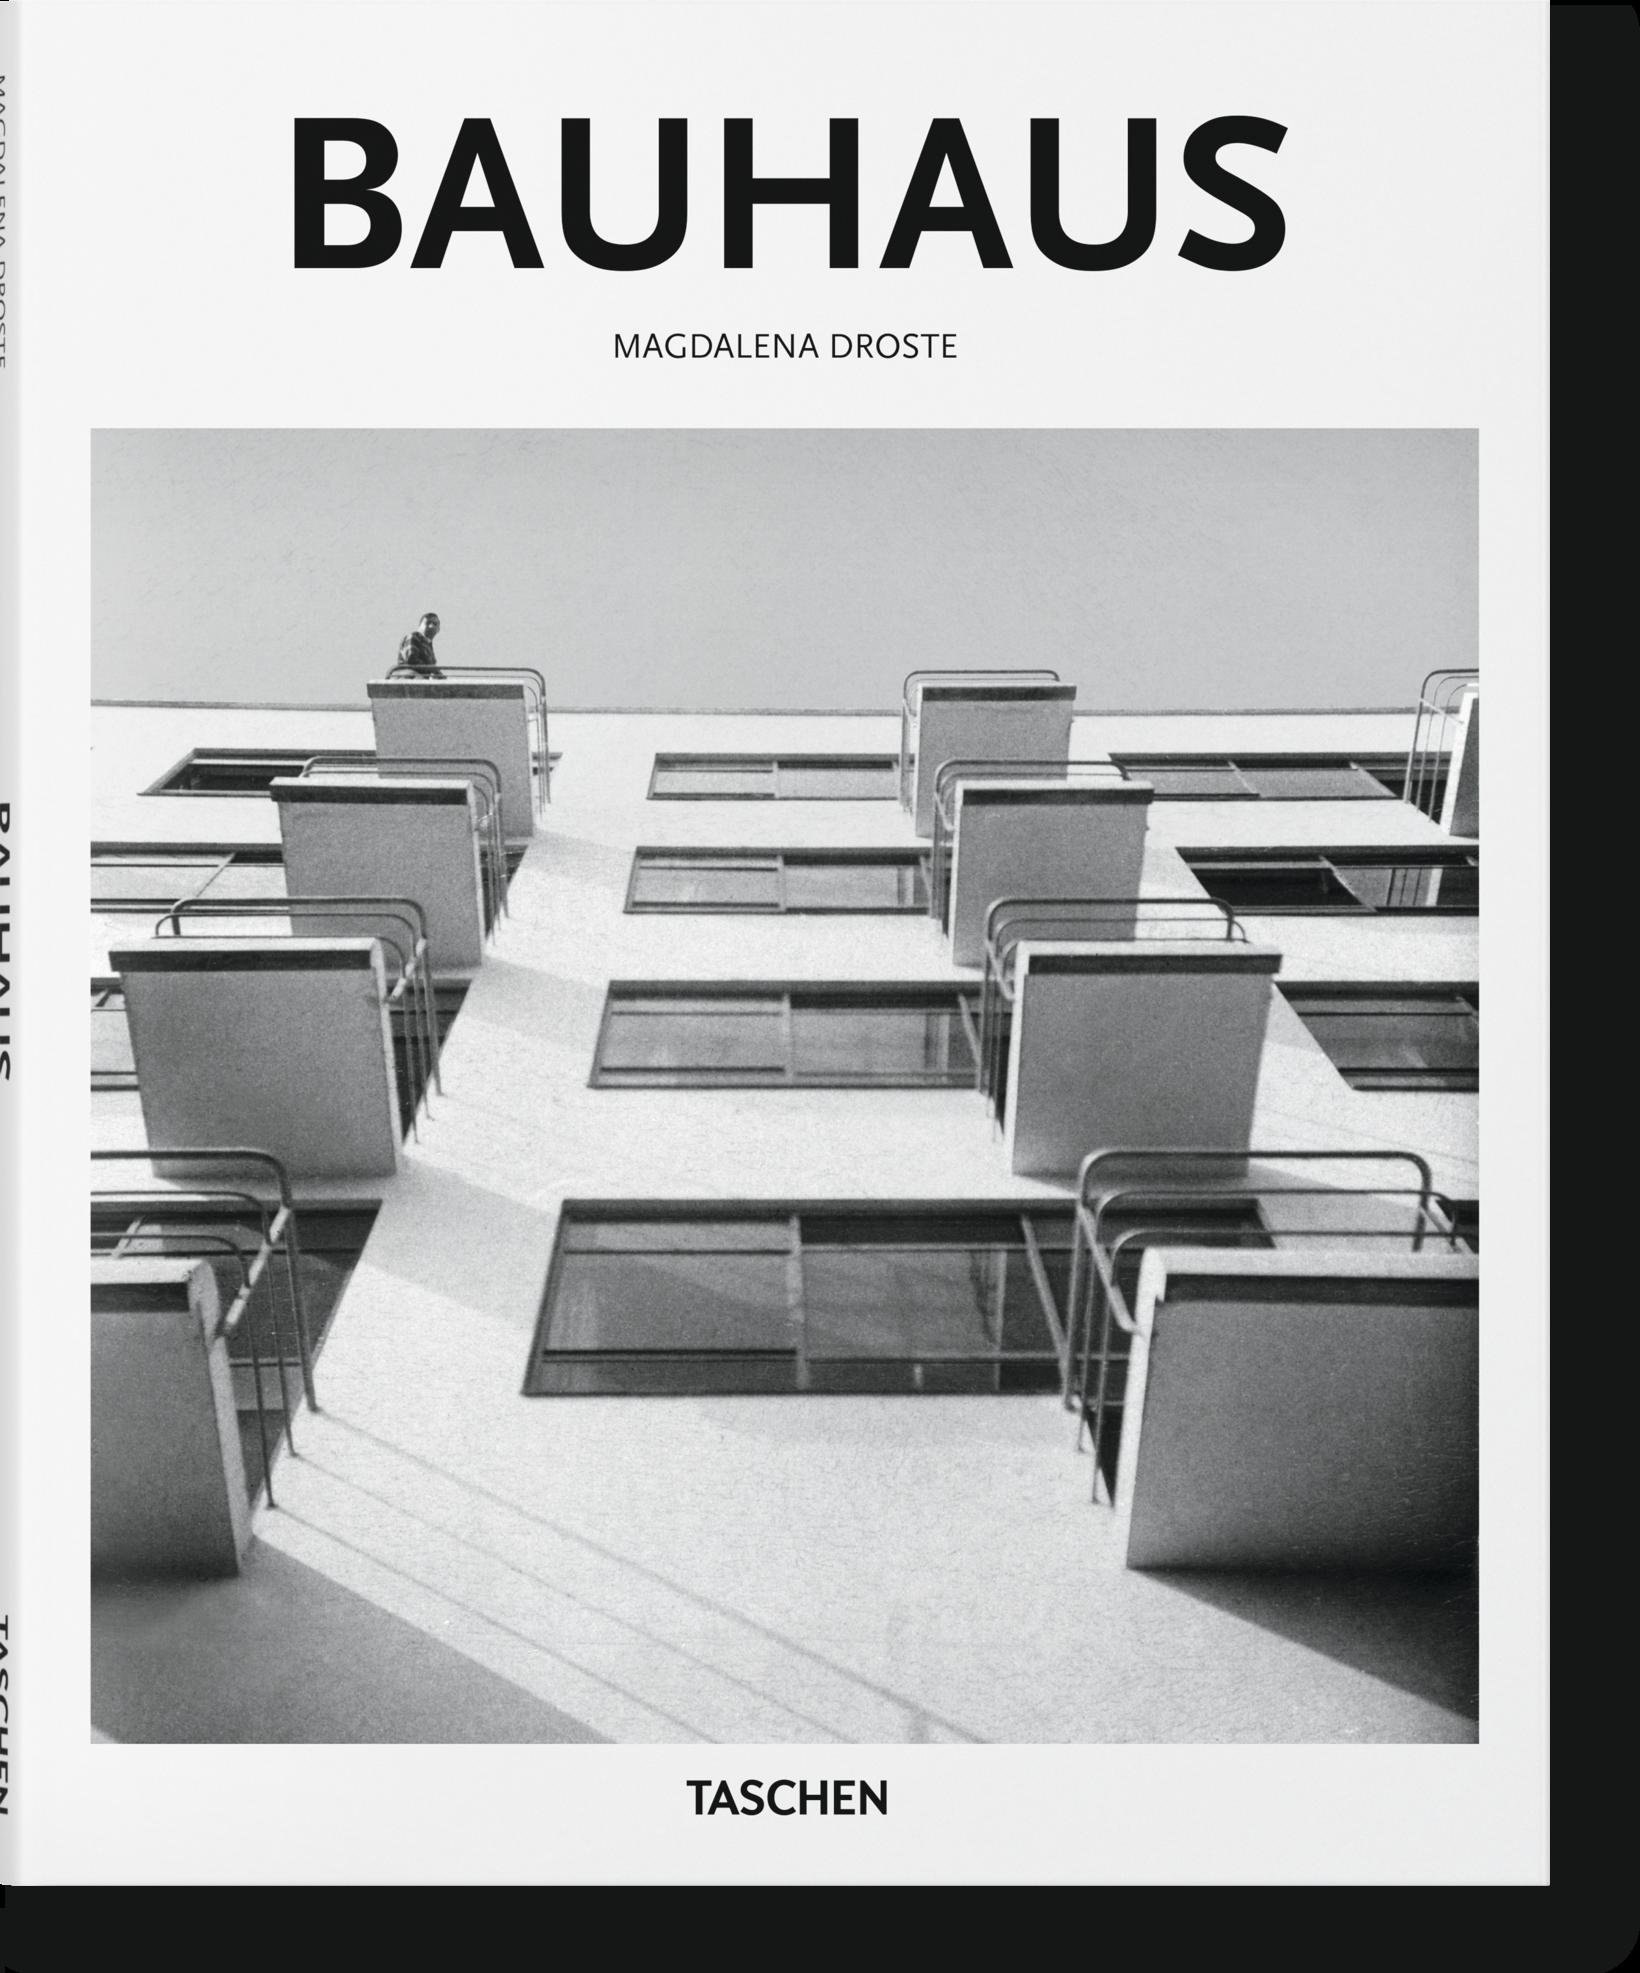 Taschen Verlag Bauhaus Die berühmteste Kunstschule der Moderne